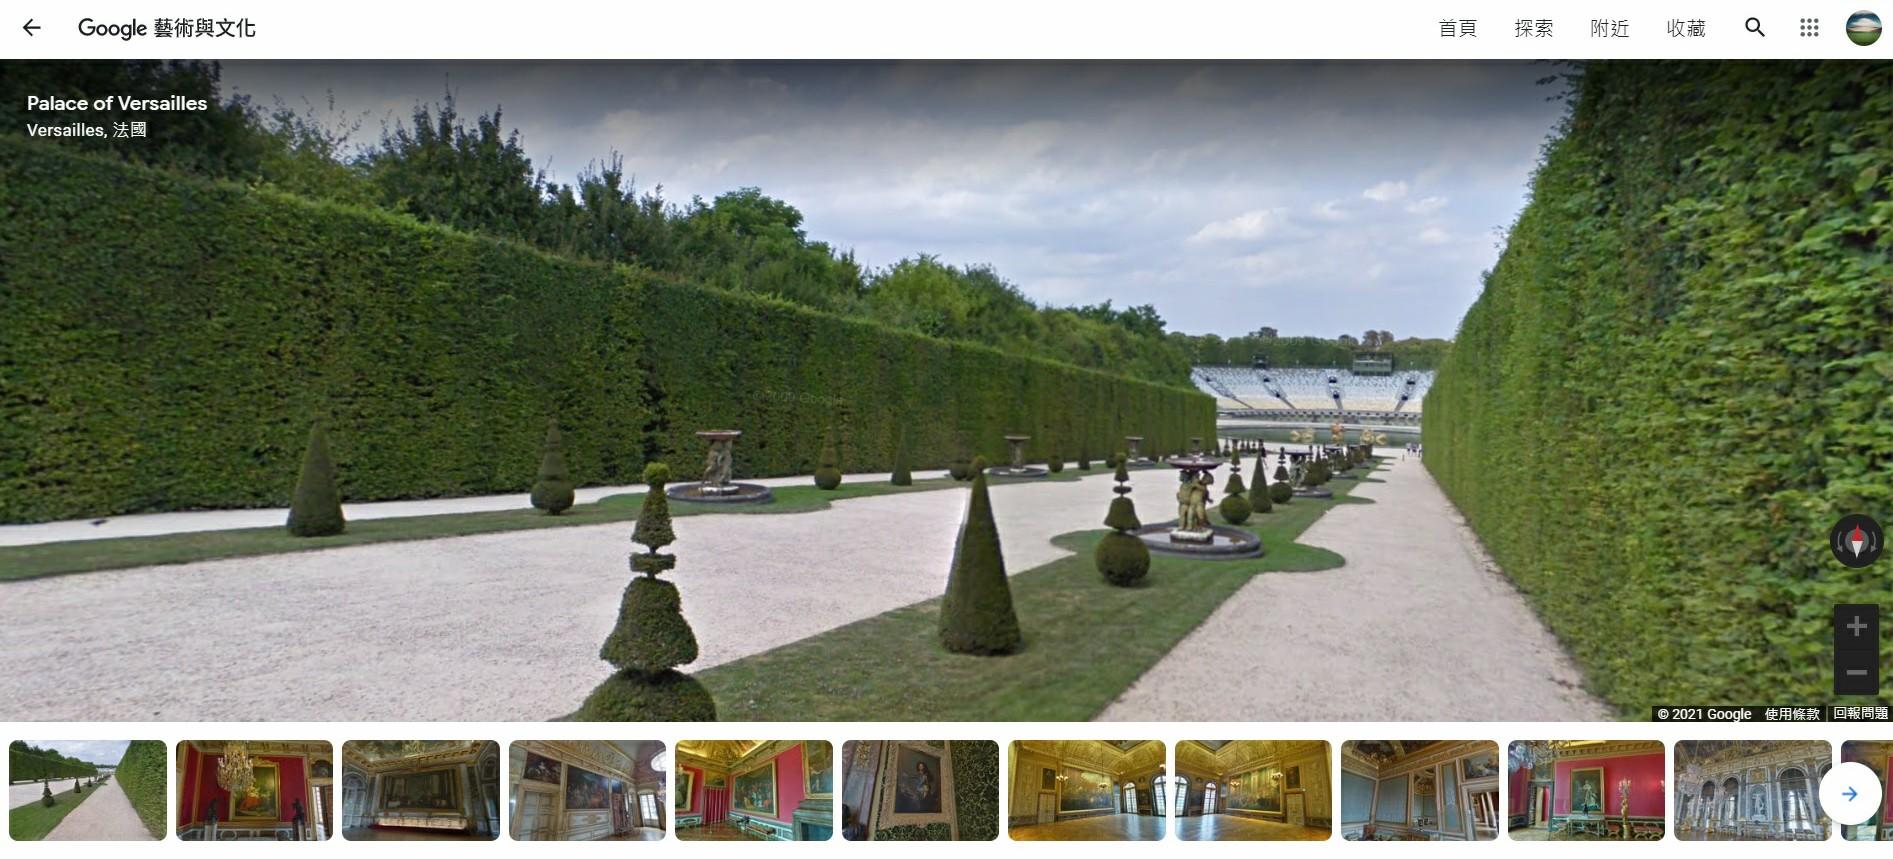 法國巴黎凡爾賽宮,凡爾賽宮, 鏡廳,柱之森,凡爾賽宮花園,Water Pathway,Google Arts & Culture,Google 藝術與文化,虛擬實境美術館,線上展覽